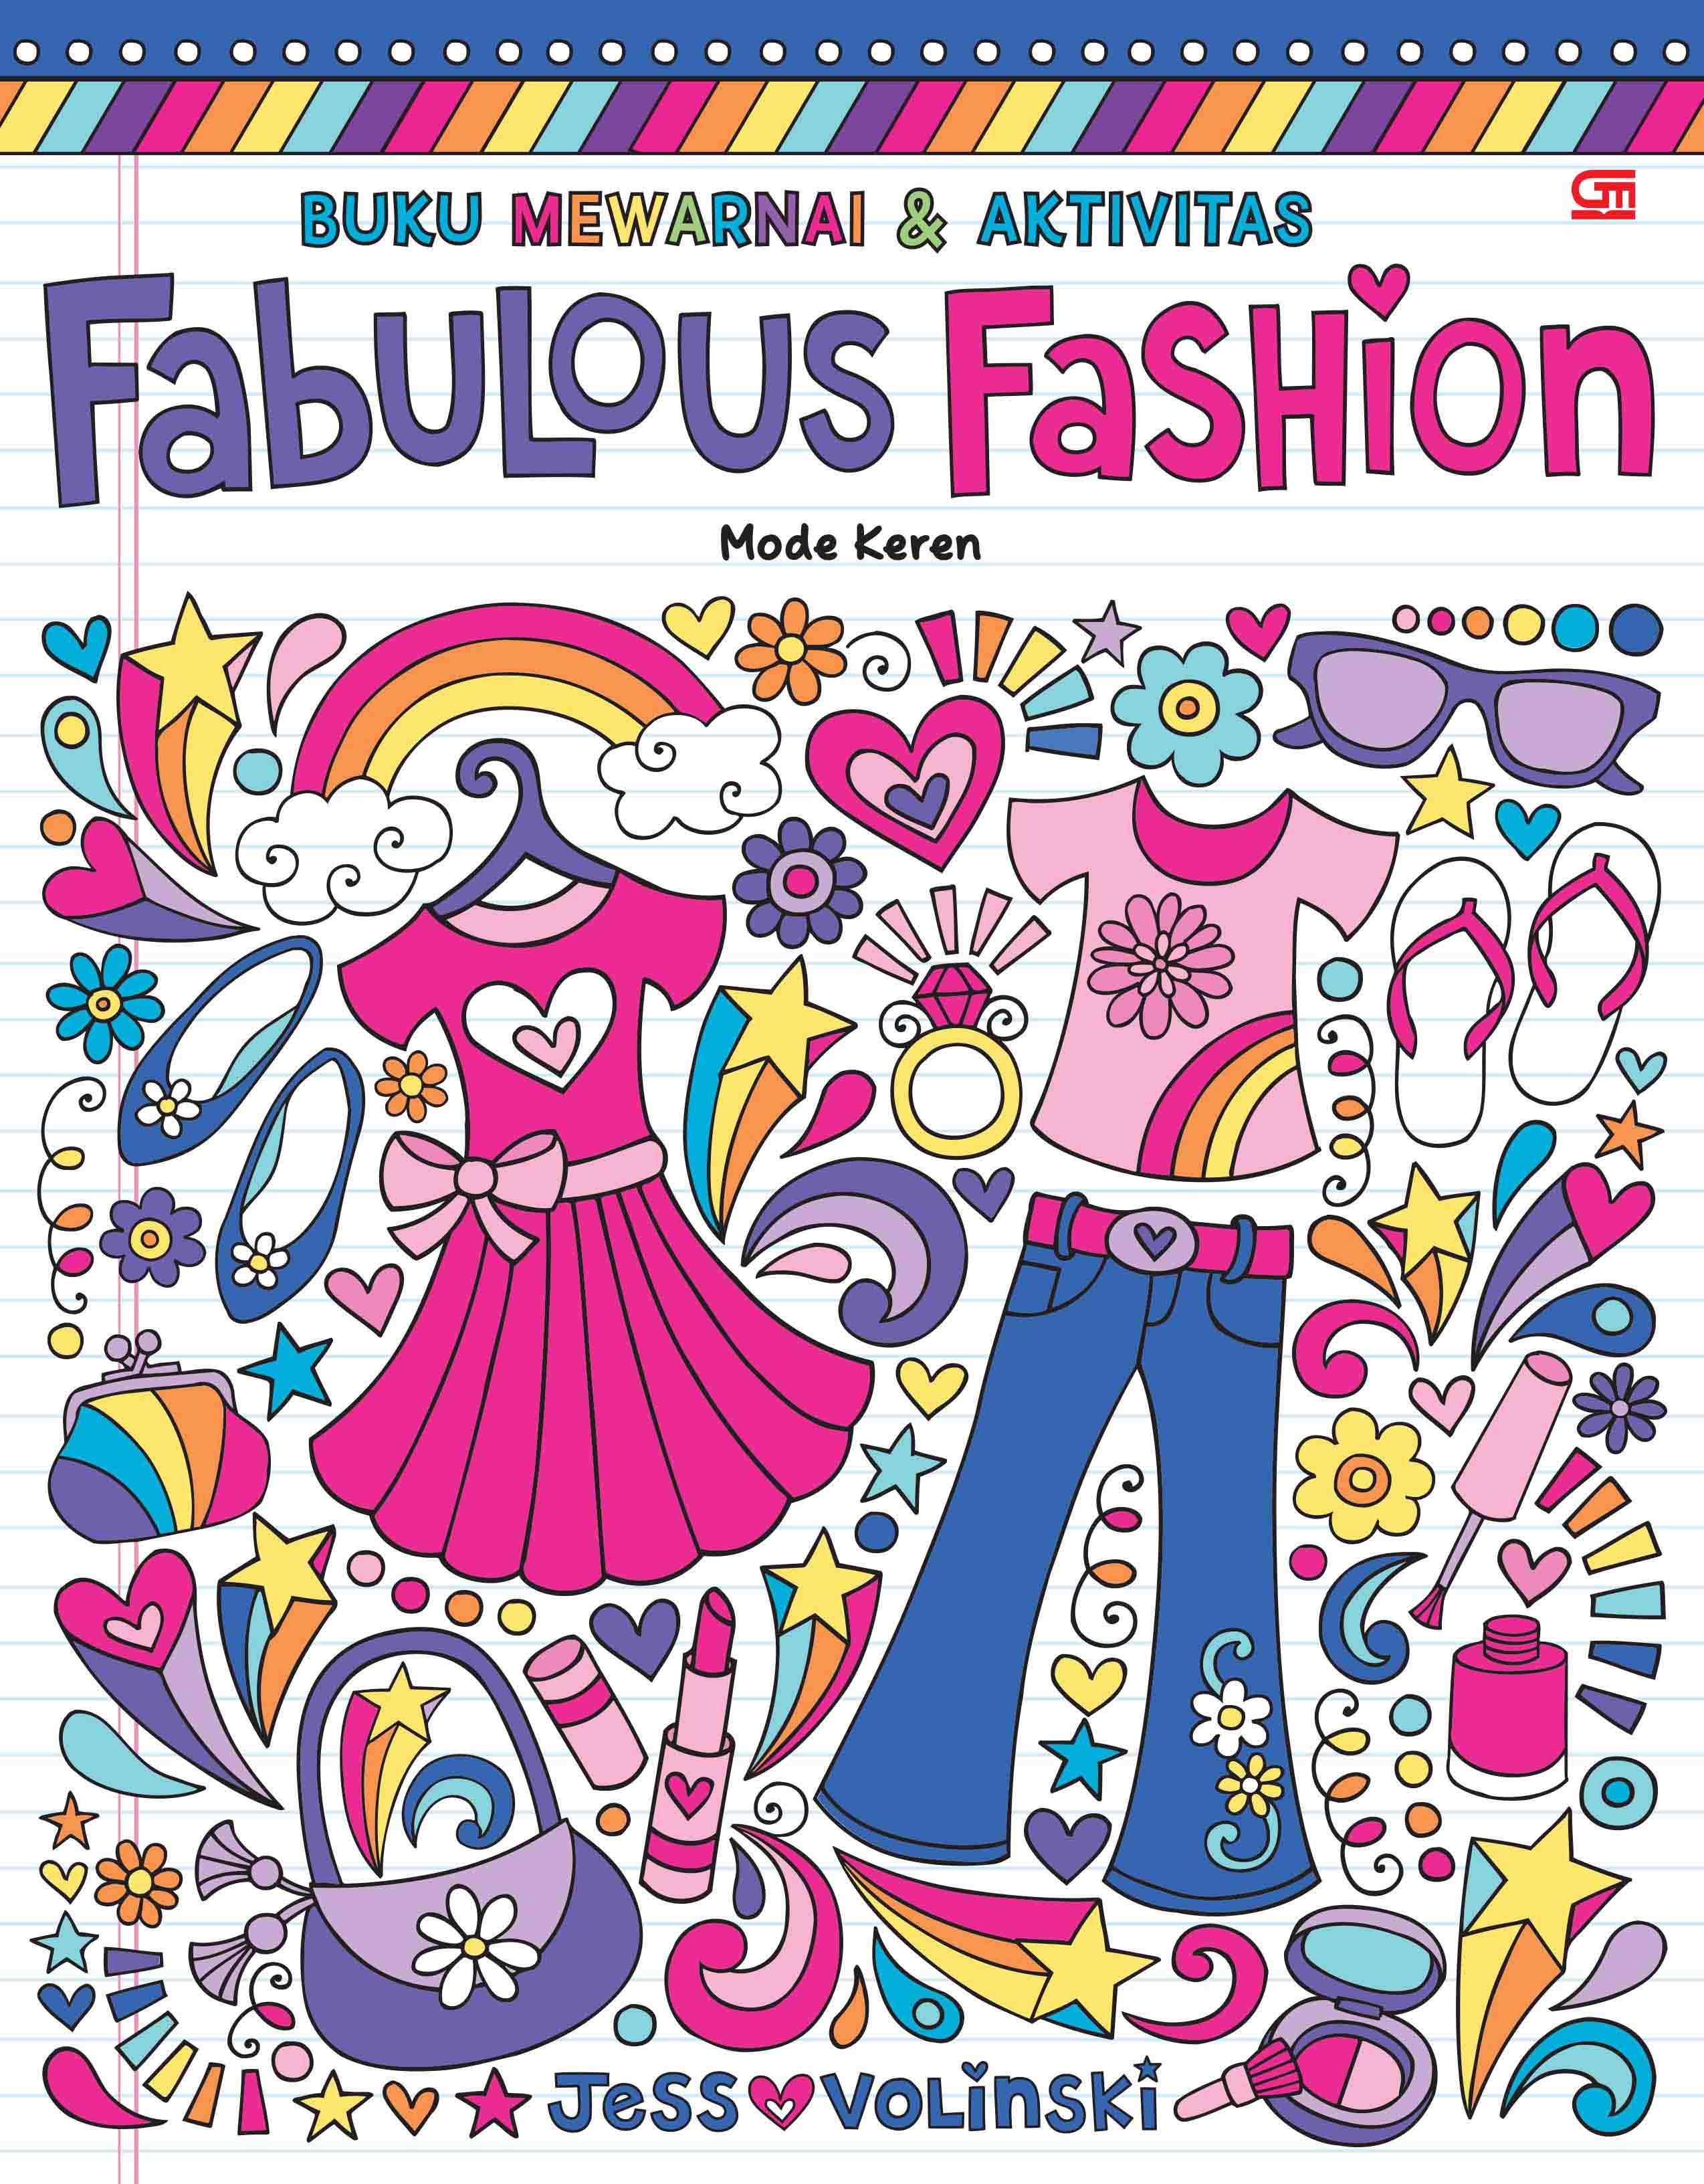 Buku Mewarnai dan Aktivitas: Mode Keren (Fabulous Fashion)